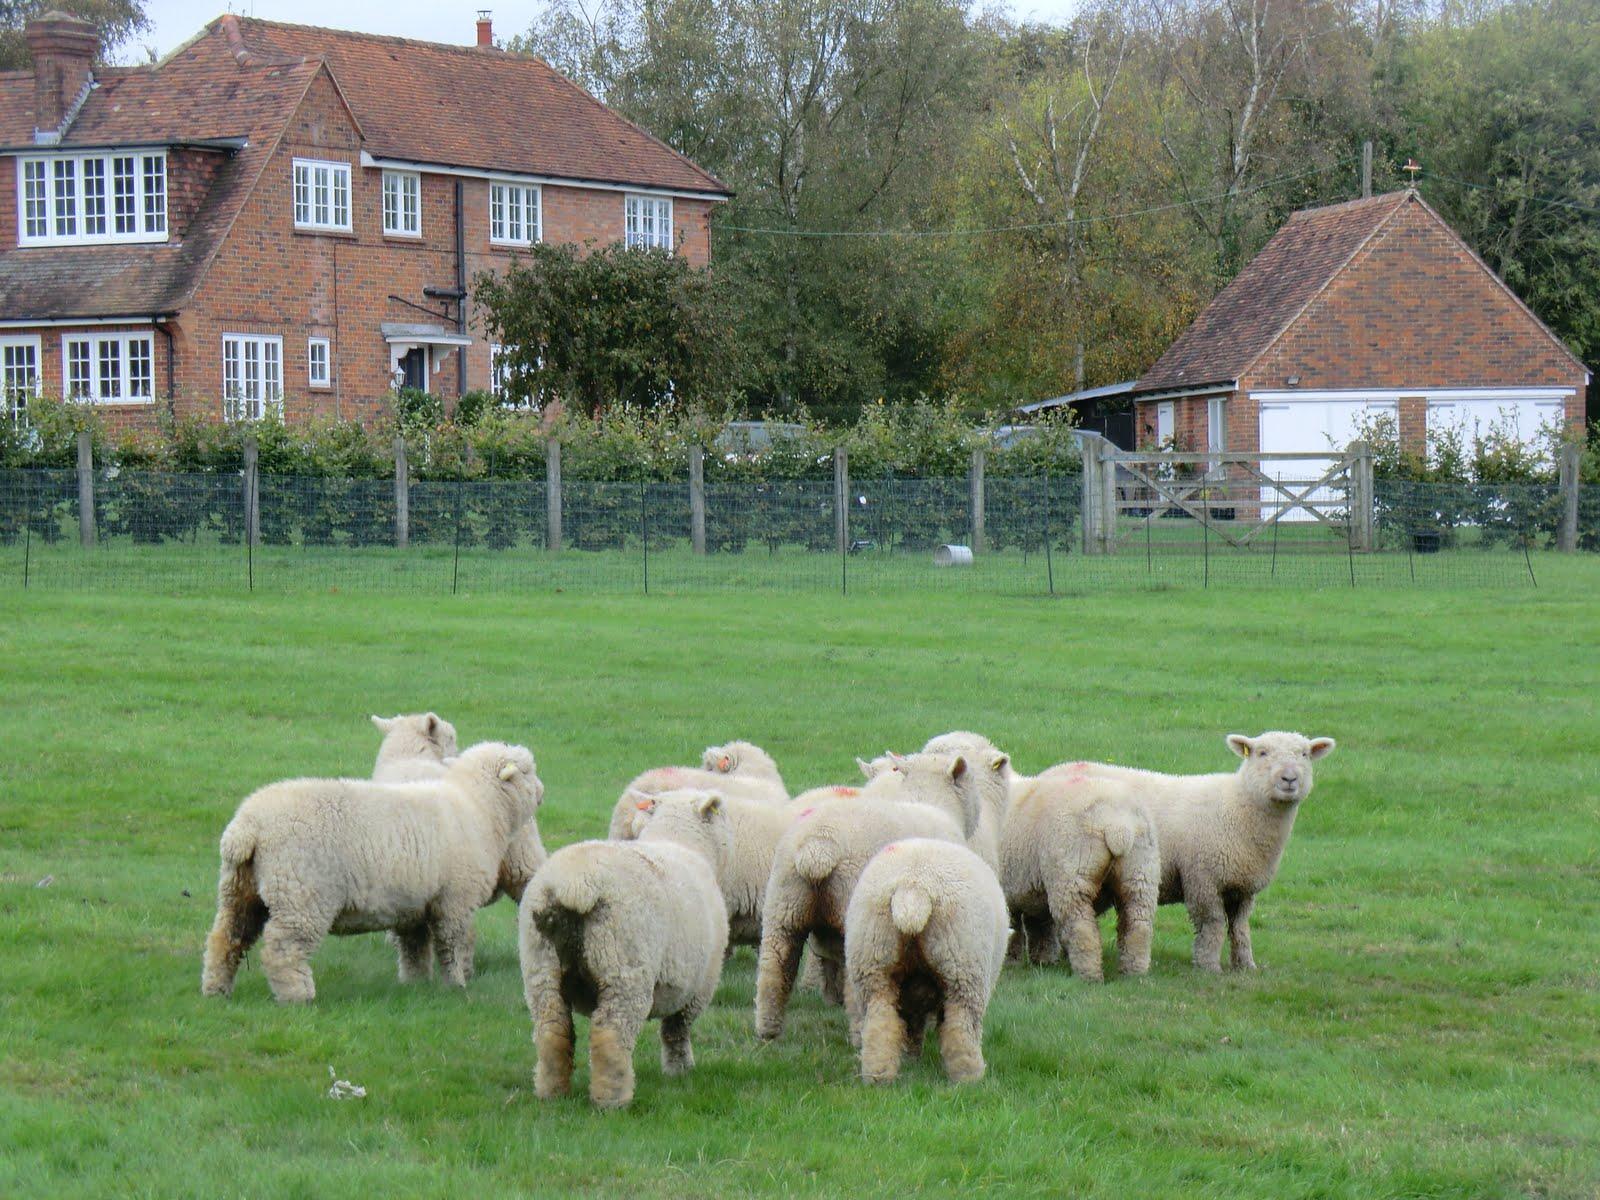 CIMG5175 Woolly sheep at Dunk's Green